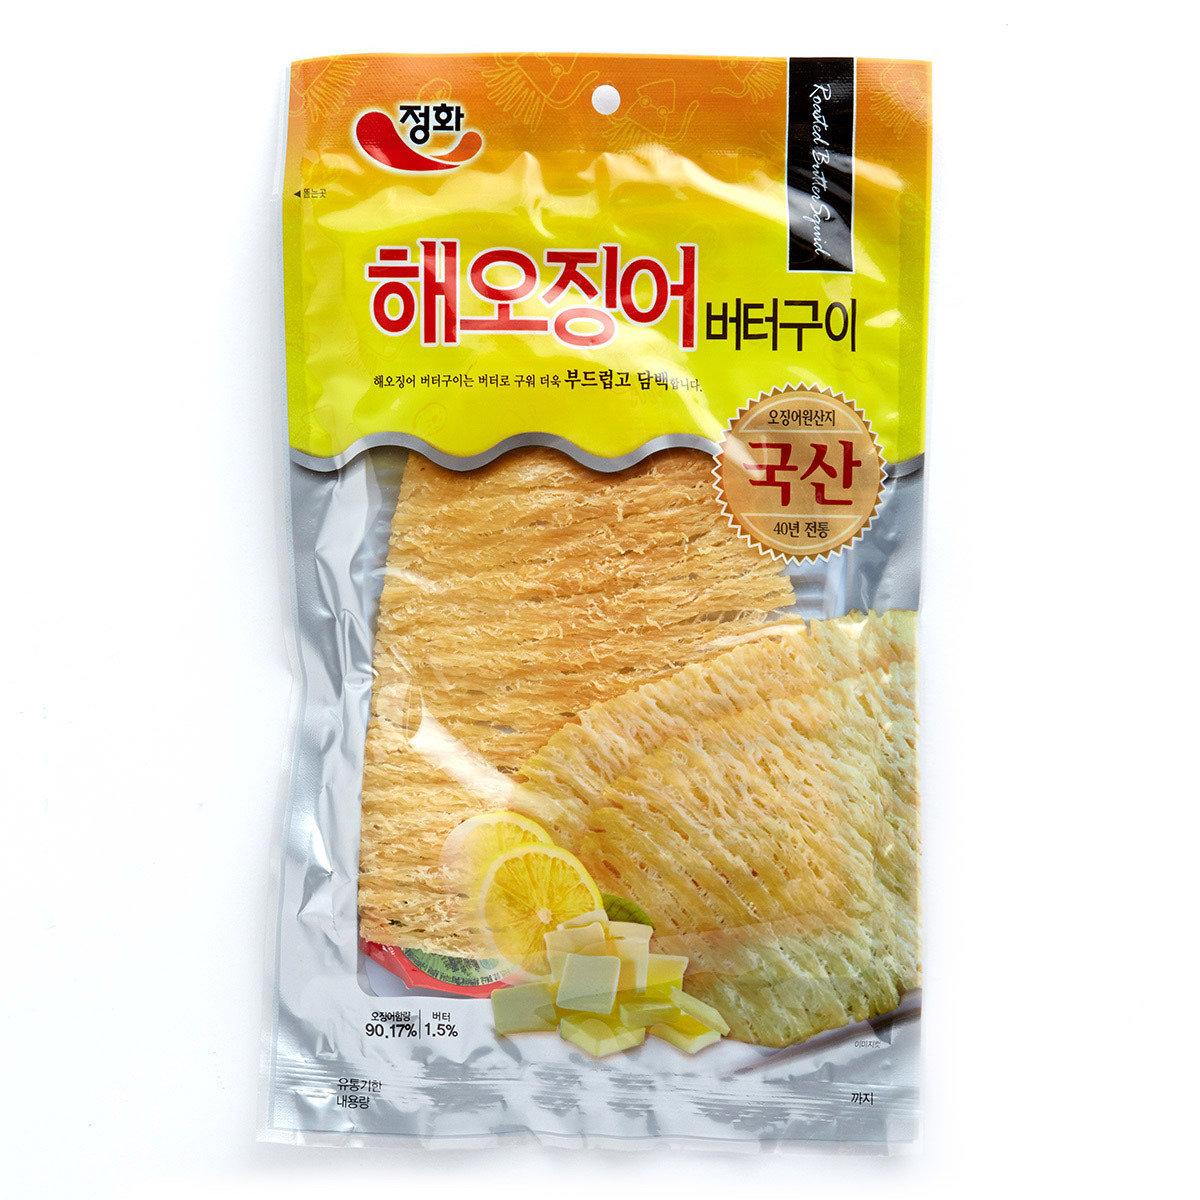 韓國烤魷魚片 - 牛油味 (附辣椒醬)